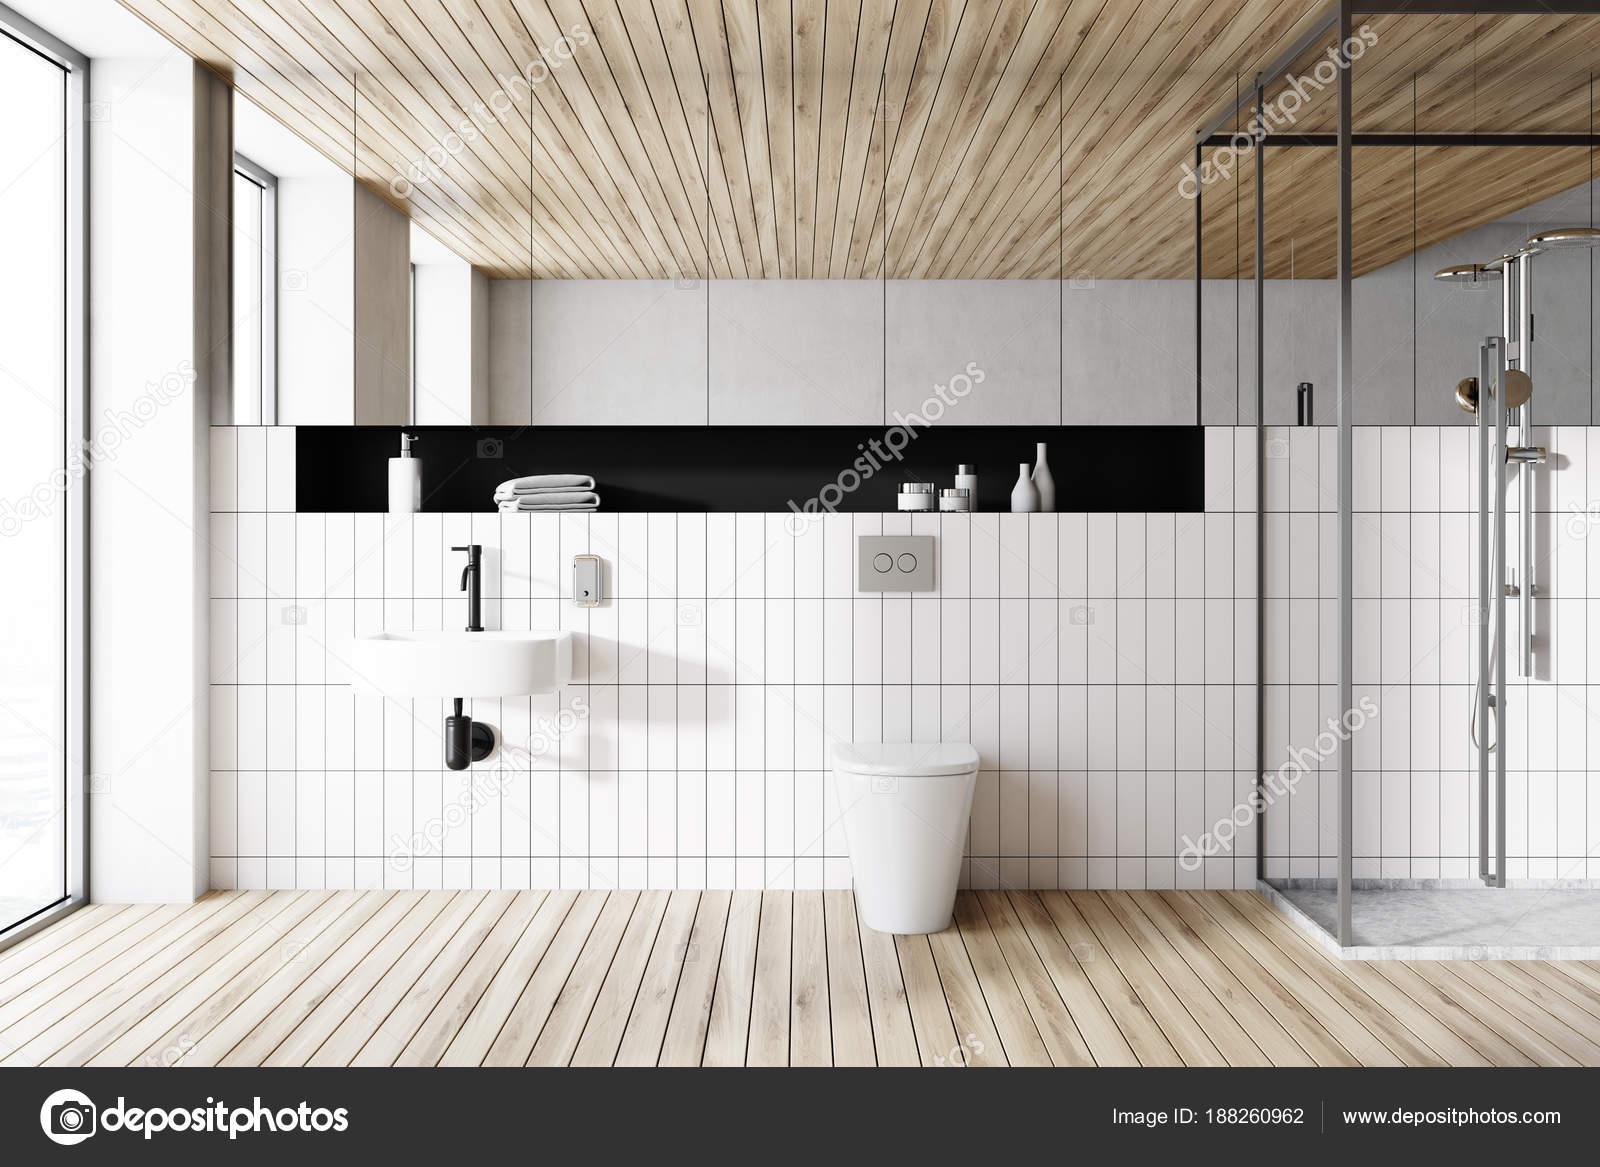 Plafond Voor Badkamer : Houten plafond badkamer interieur u stockfoto denisismagilov